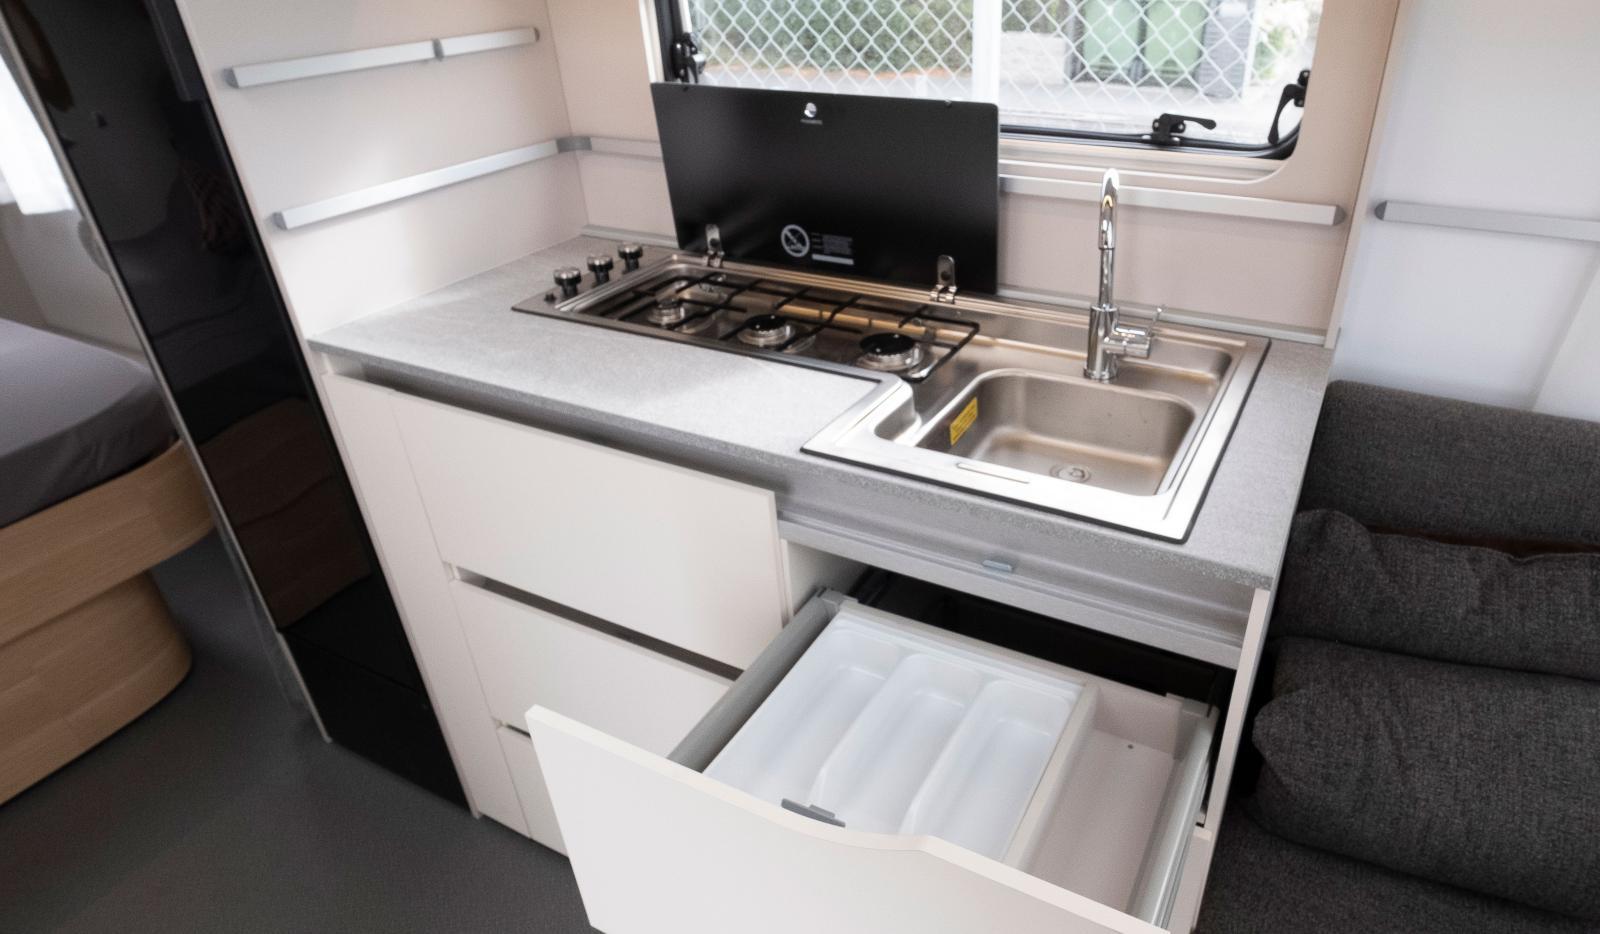 Köket i Adria Adora 613 UT. Färgsättningen är kontrastrik.